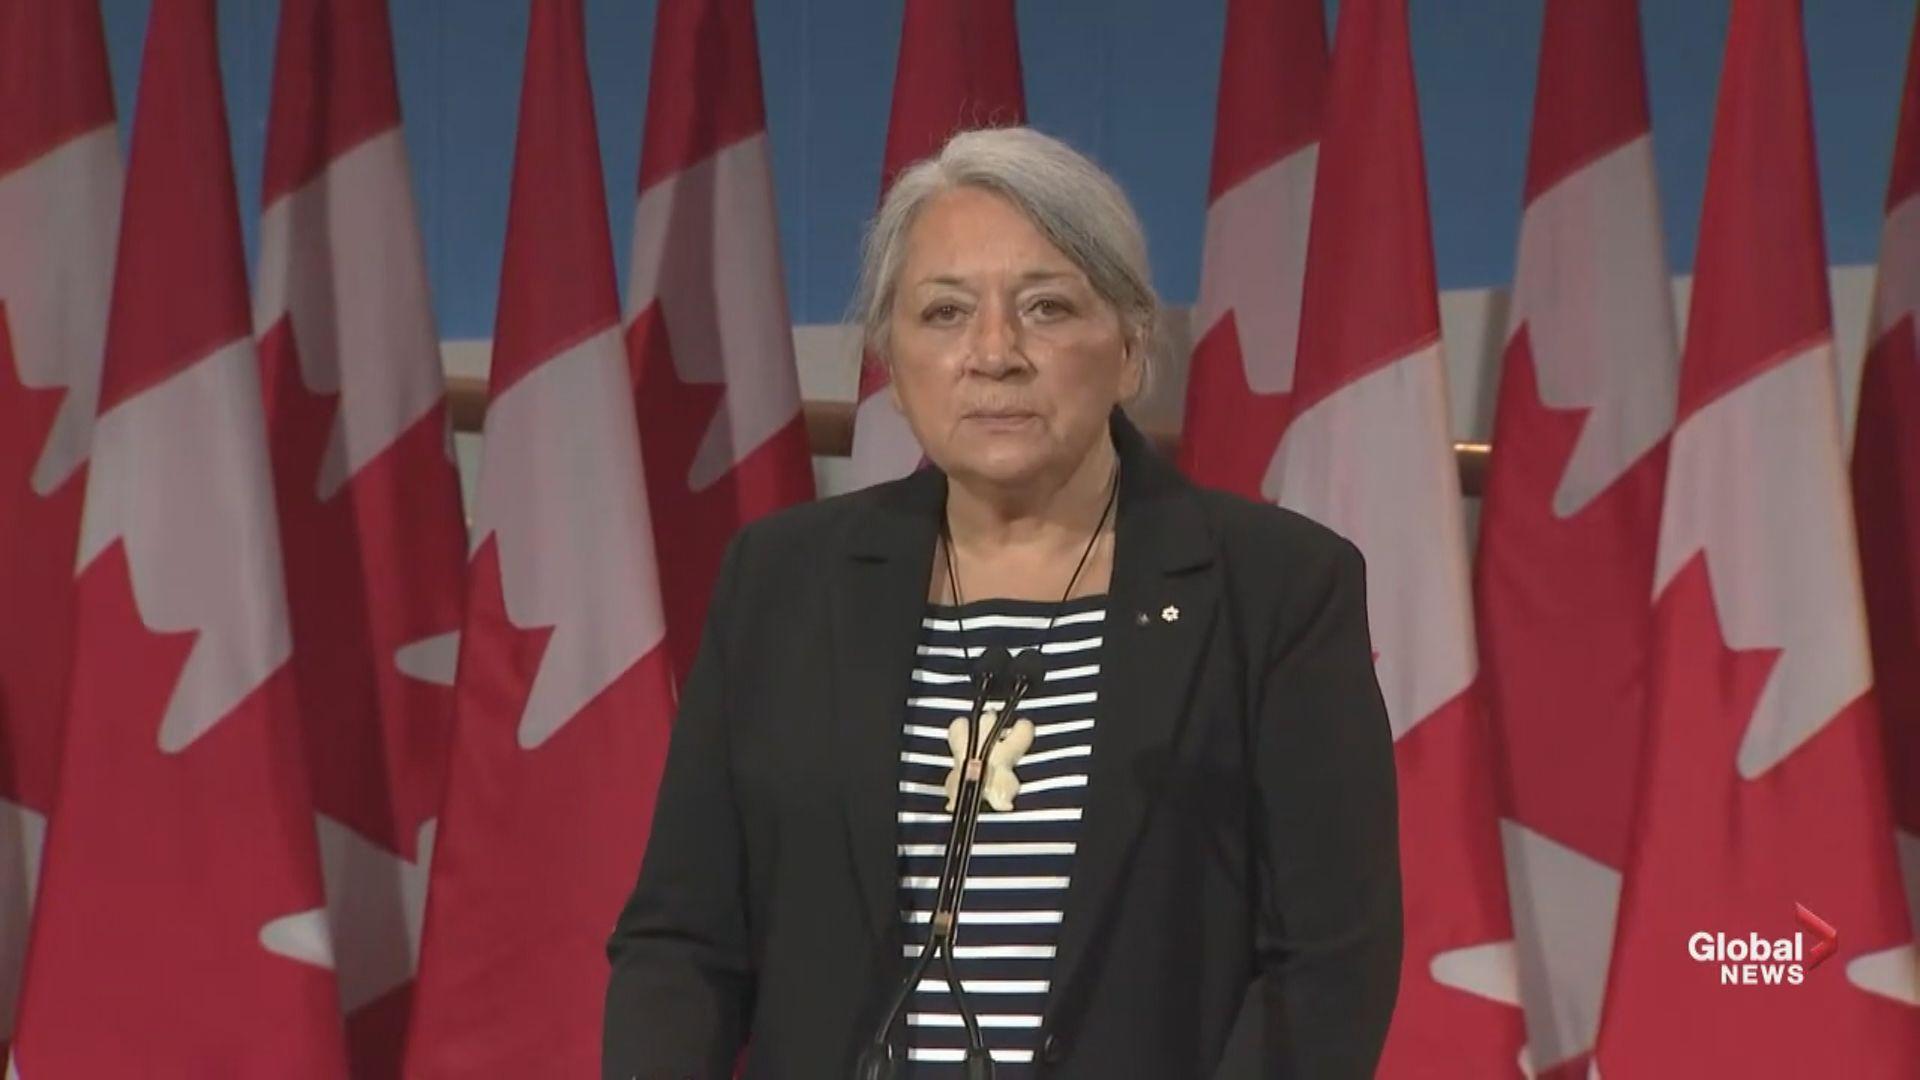 【即日焦點】區議員本月宣誓 消息指230人不符資格 政府去信前未辭職者將被追討薪津;加拿大總督首次由原住民出任